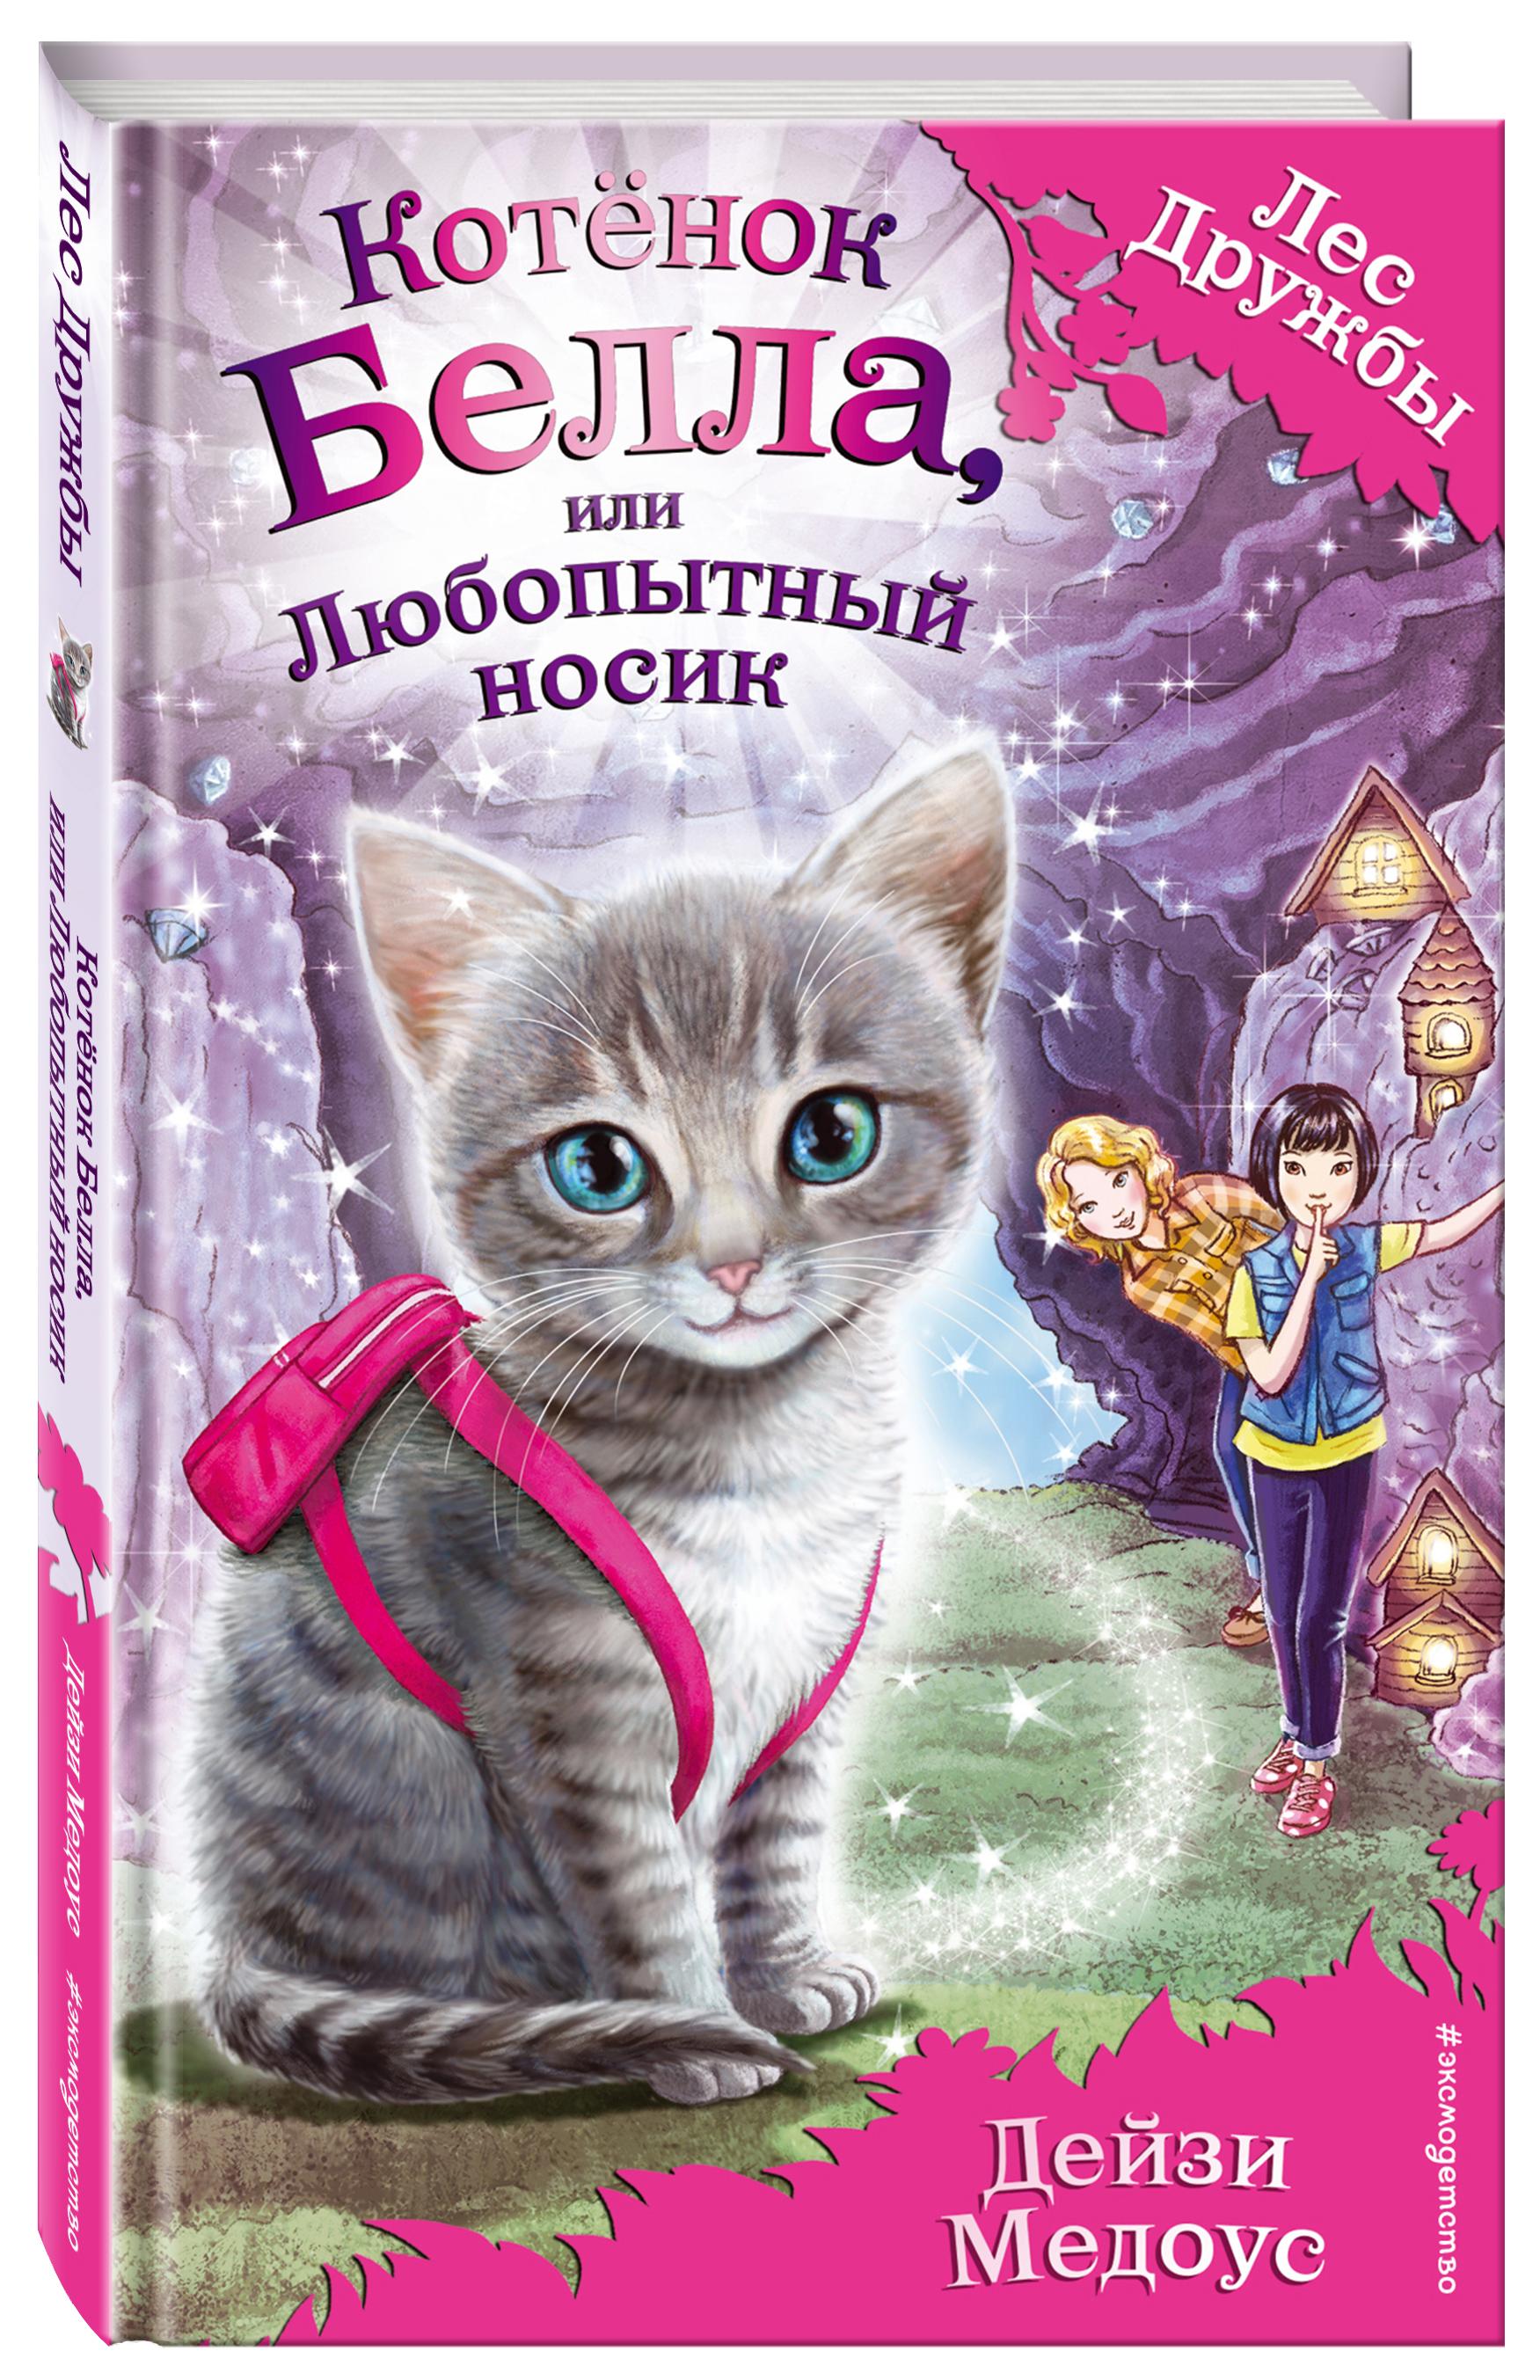 Медоус Д. Котёнок Белла, или Любопытный носик эксмо книга котёнок белла или любопытный носик дейзи медоус